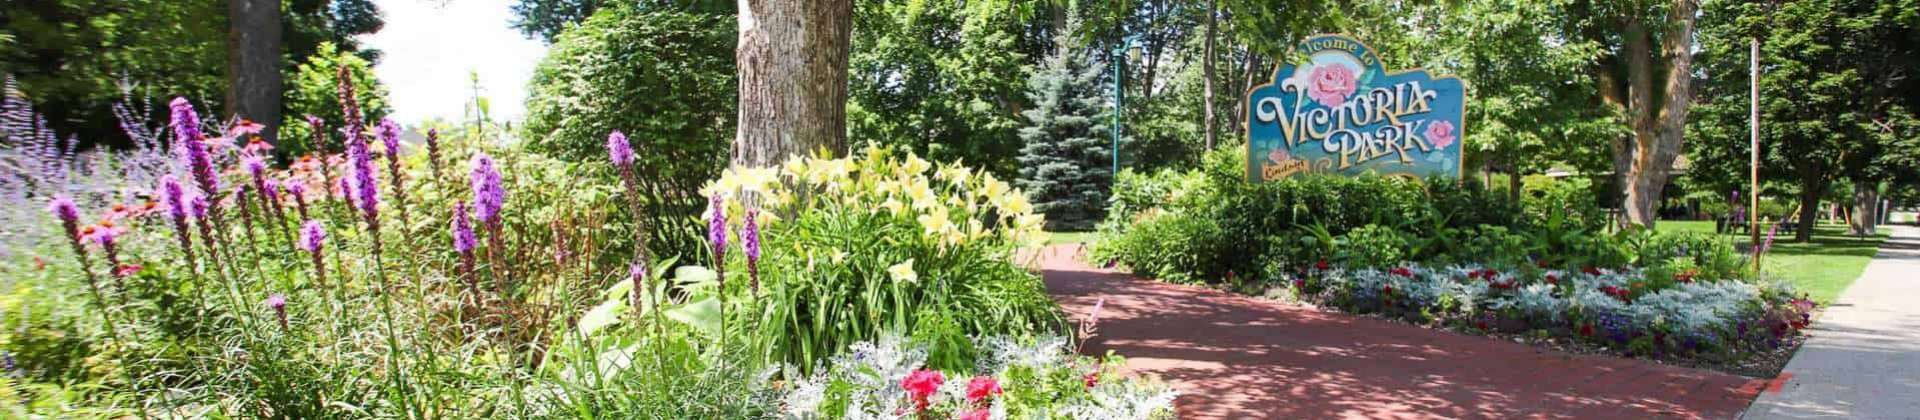 Lindsay Ontario Victoria Park